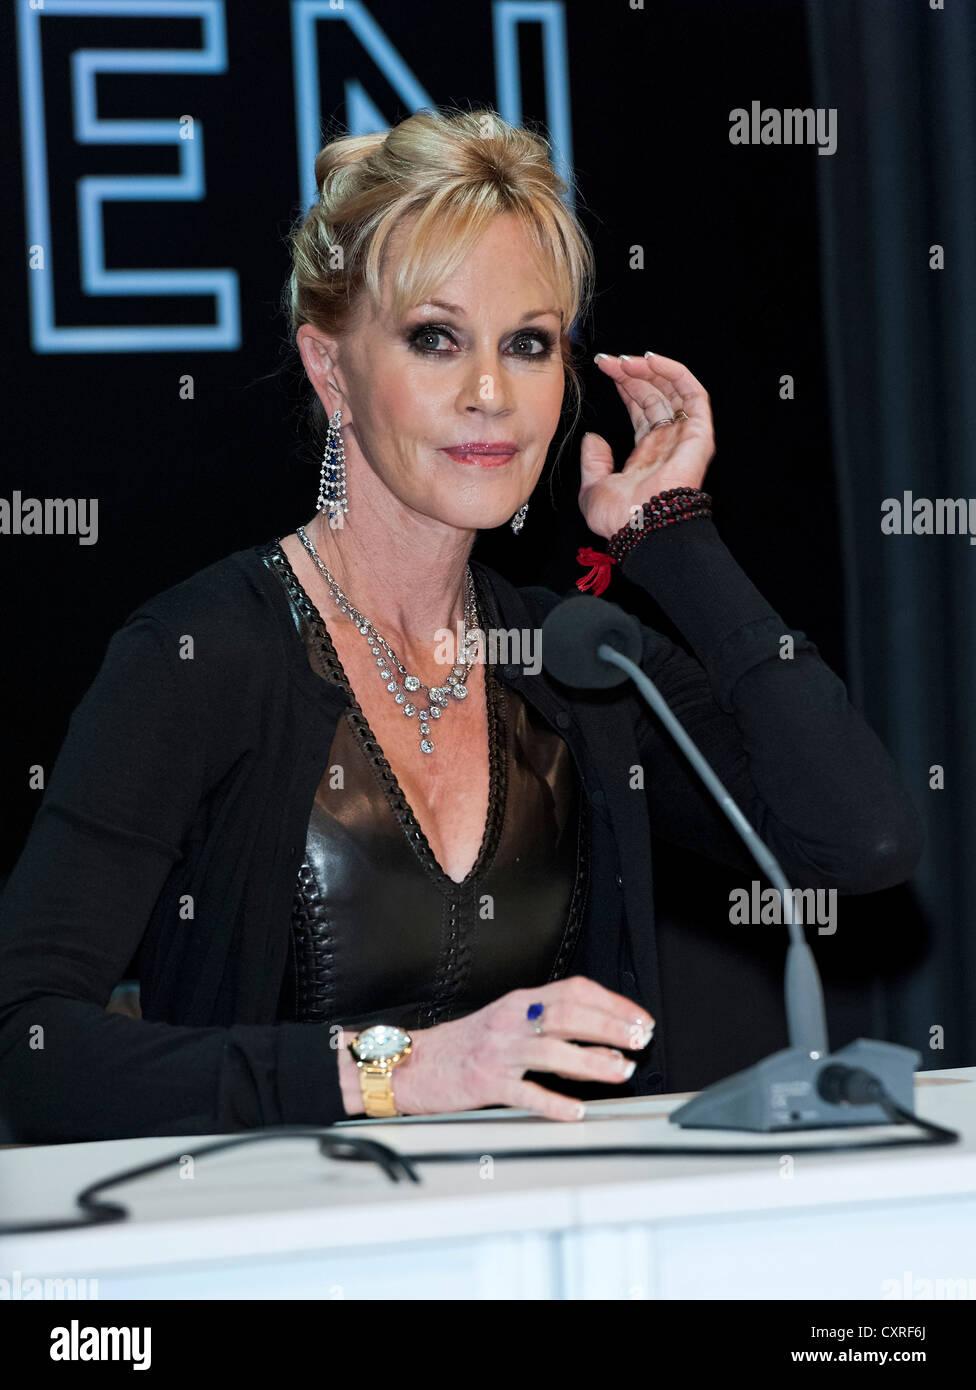 Schauspielerin Melanie Griffith beim Filmfest in München, Bayern, Deutschland, Europa Stockbild